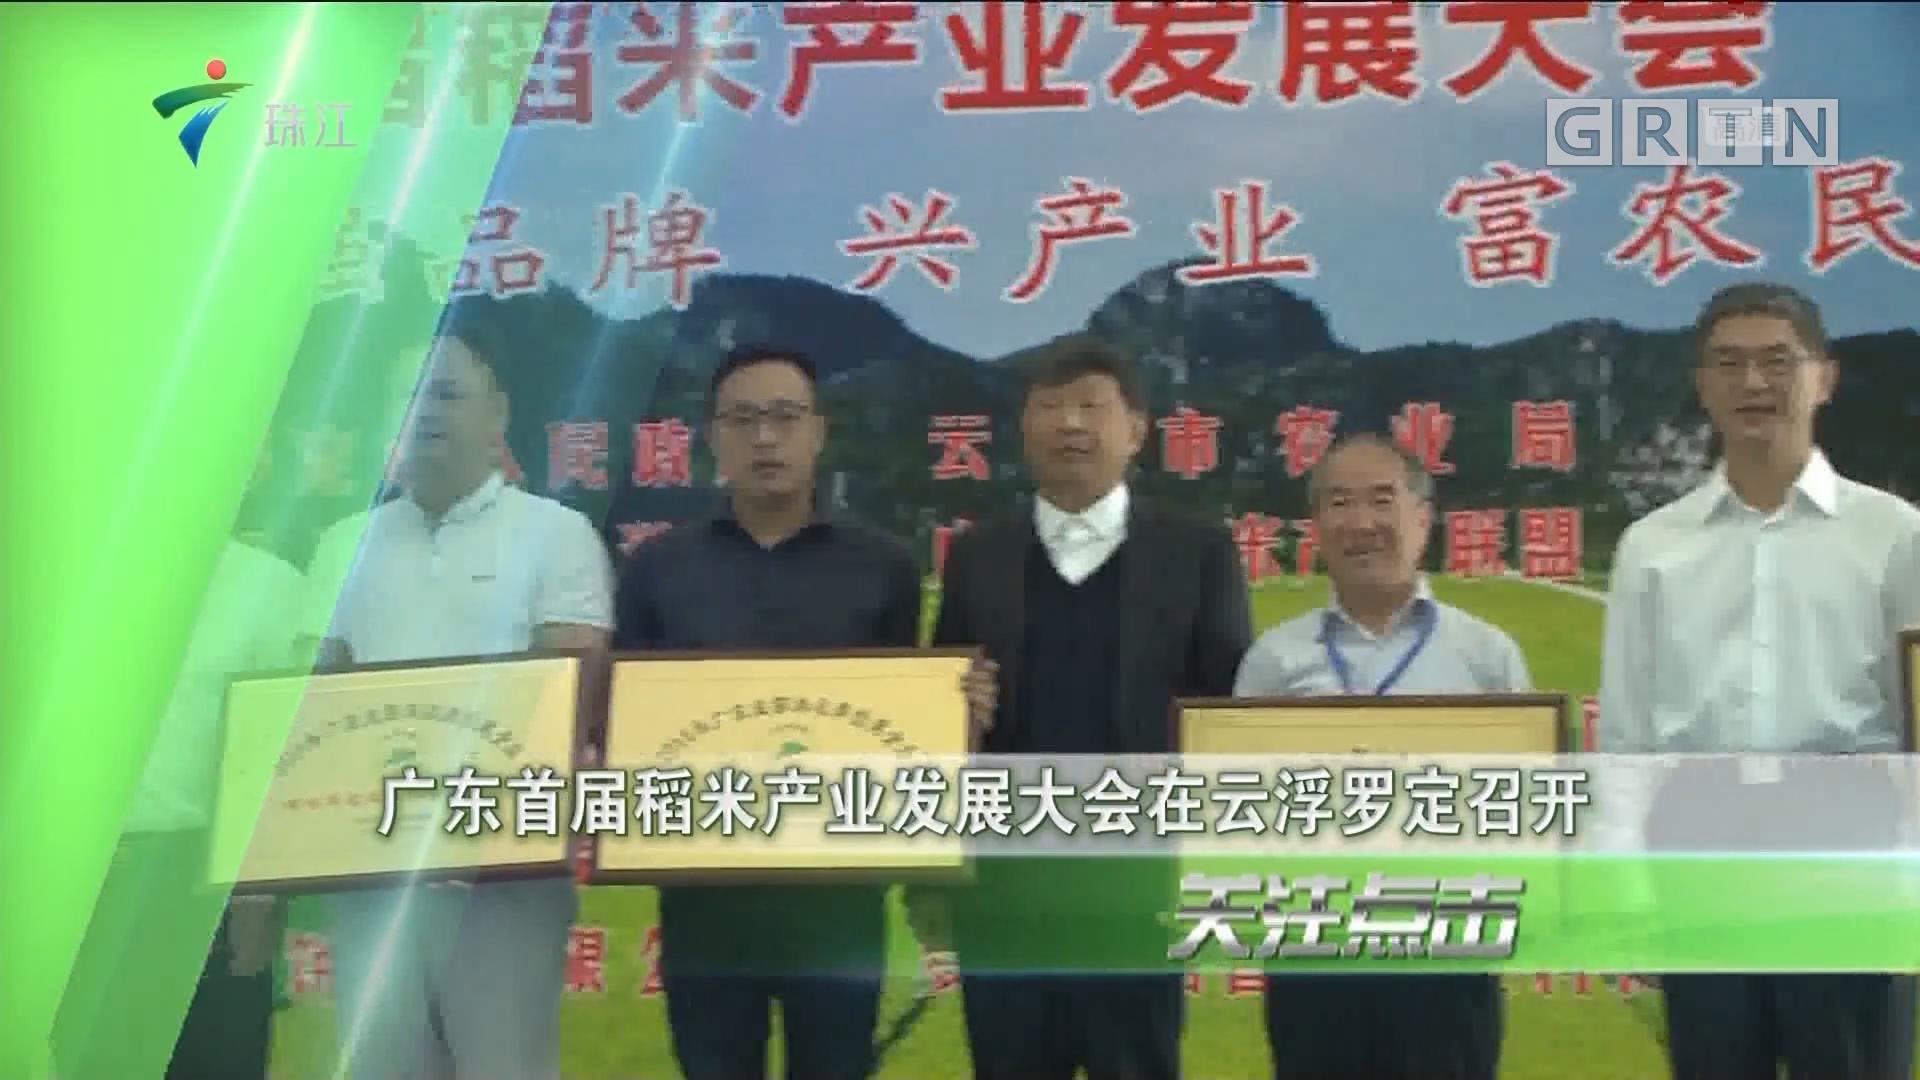 广东首届稻米产业发展大会在云浮罗定召开